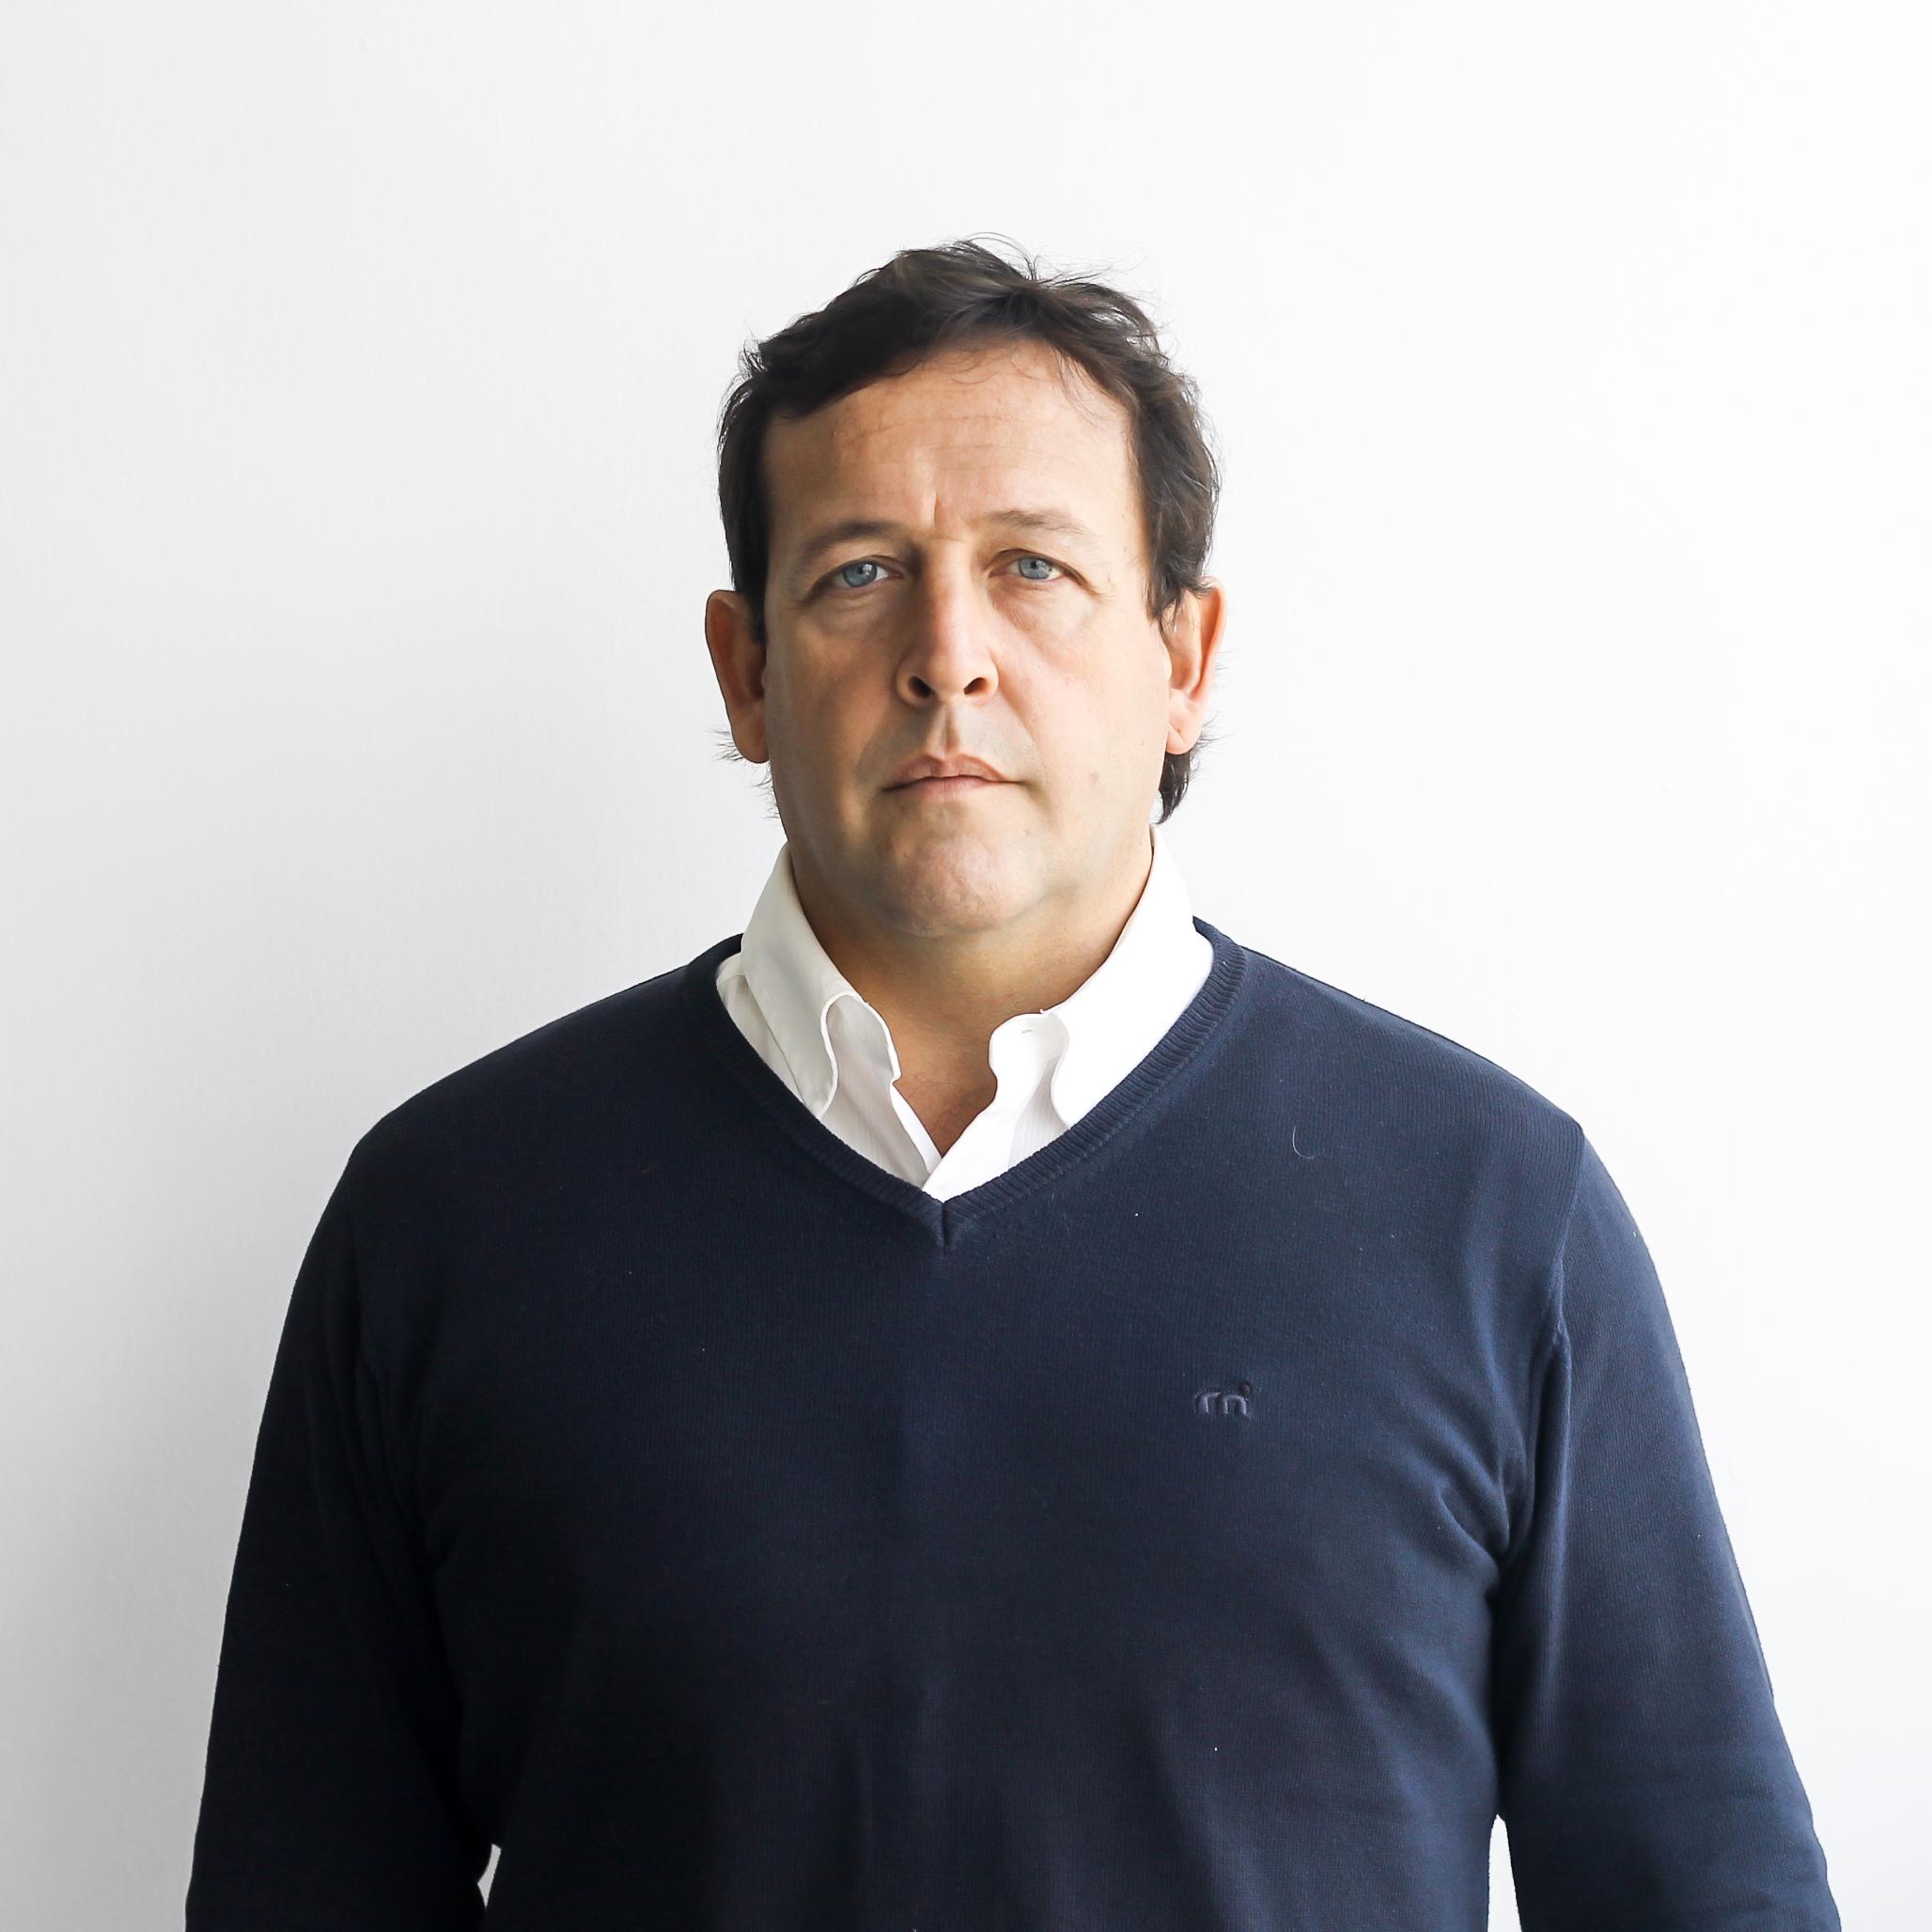 Mariano Ibargoyen